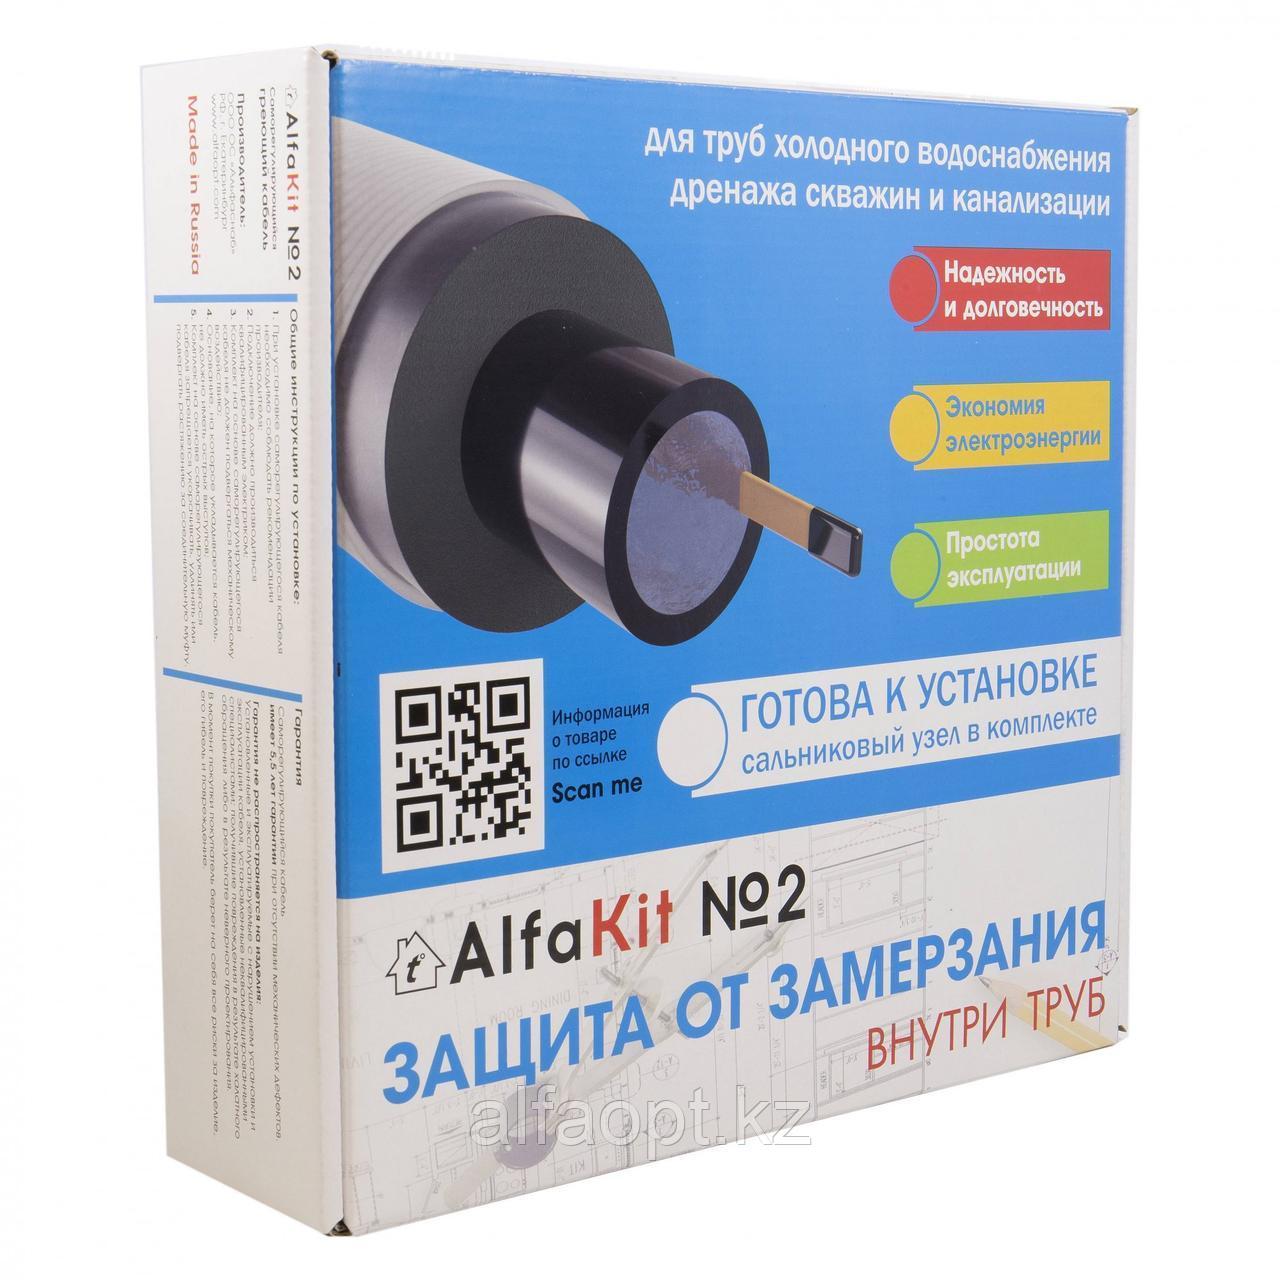 Комплект саморегулирующегося кабеля AlfaKit №2 30-2-12